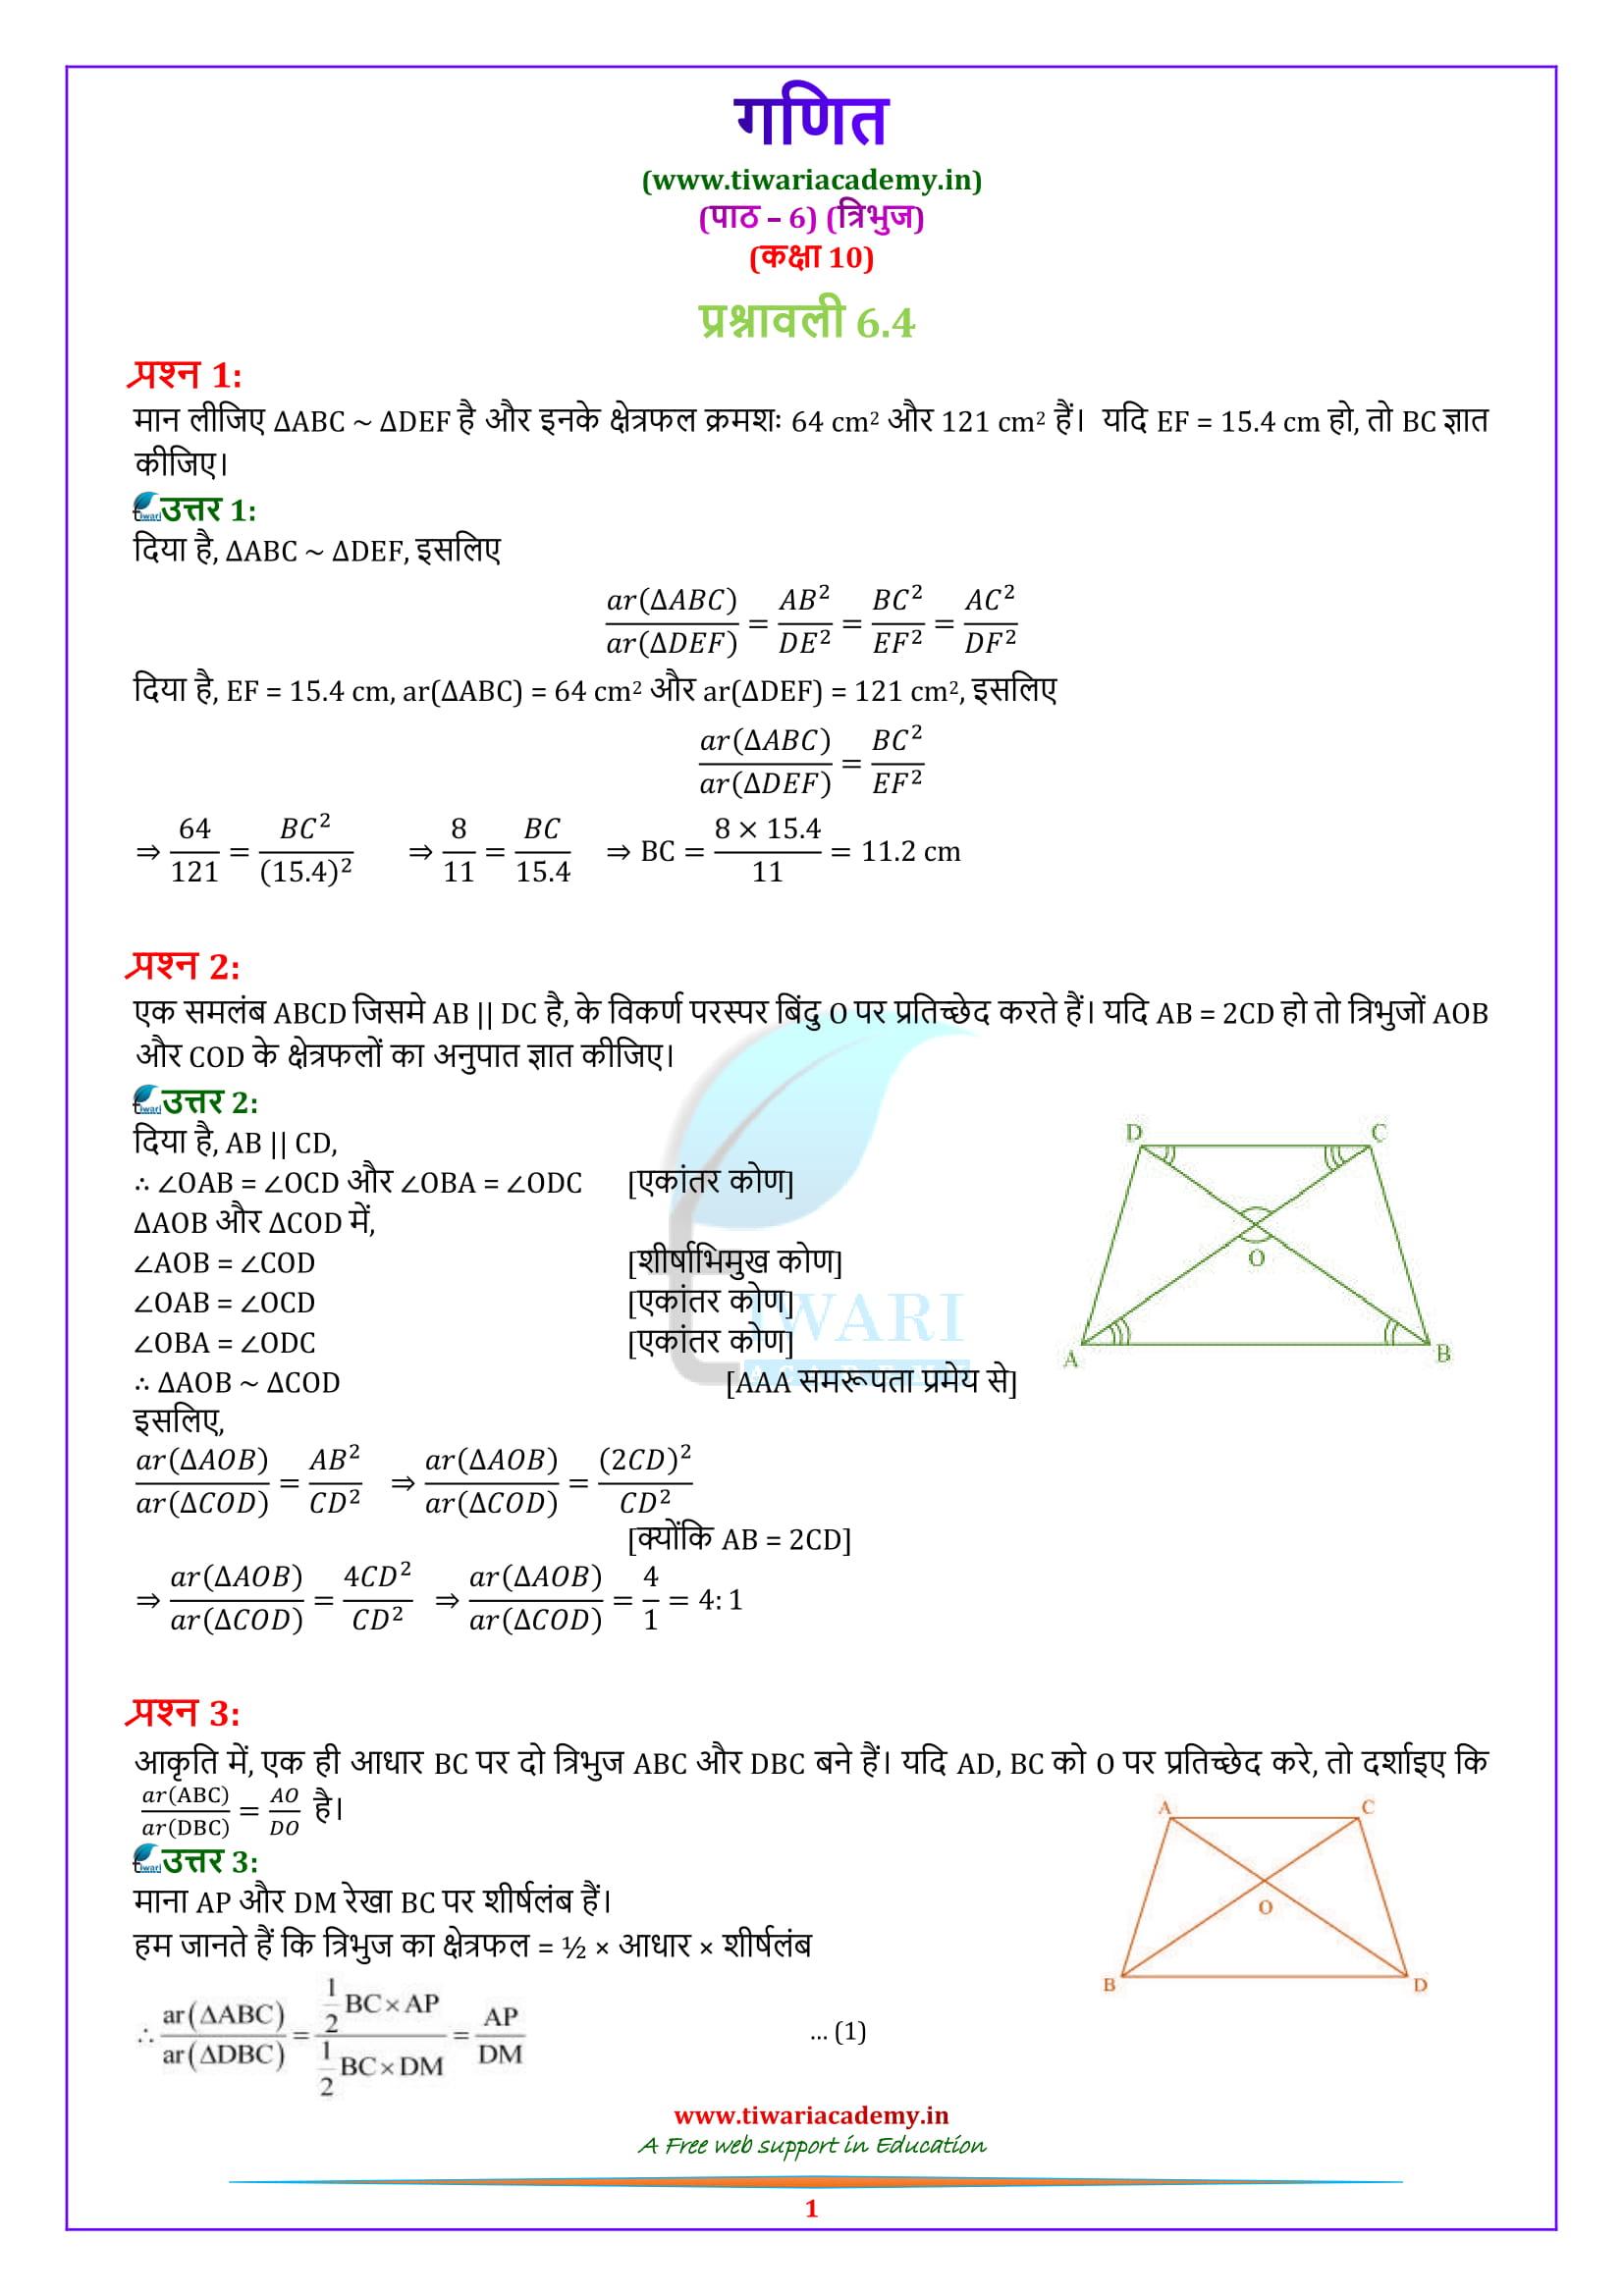 Class 10 Maths prashanavali 6.4 ke hal